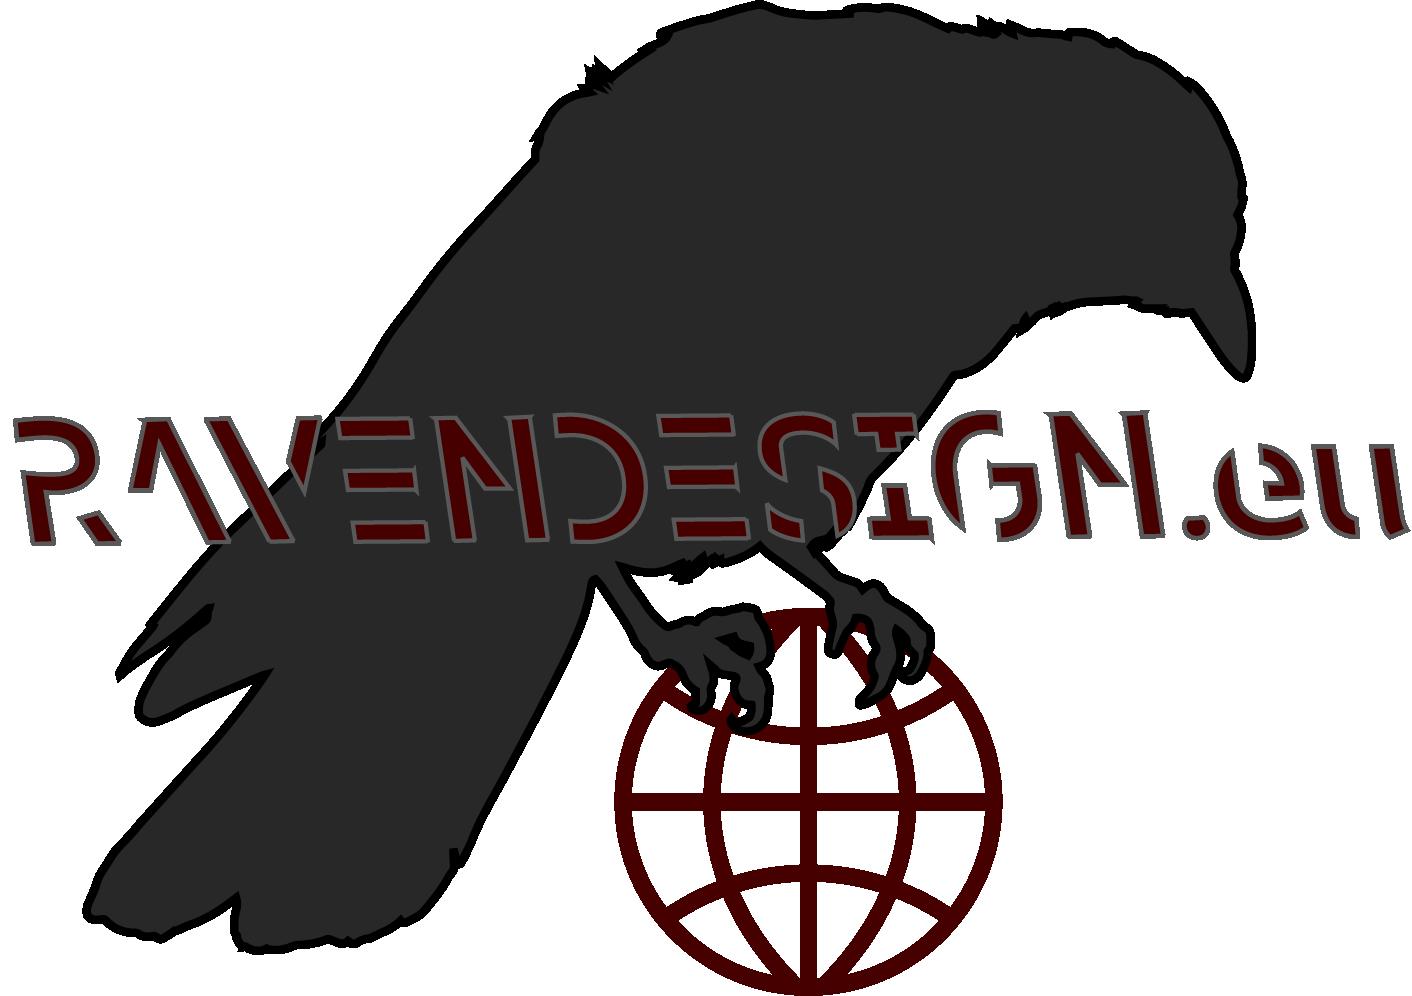 Ravendesign